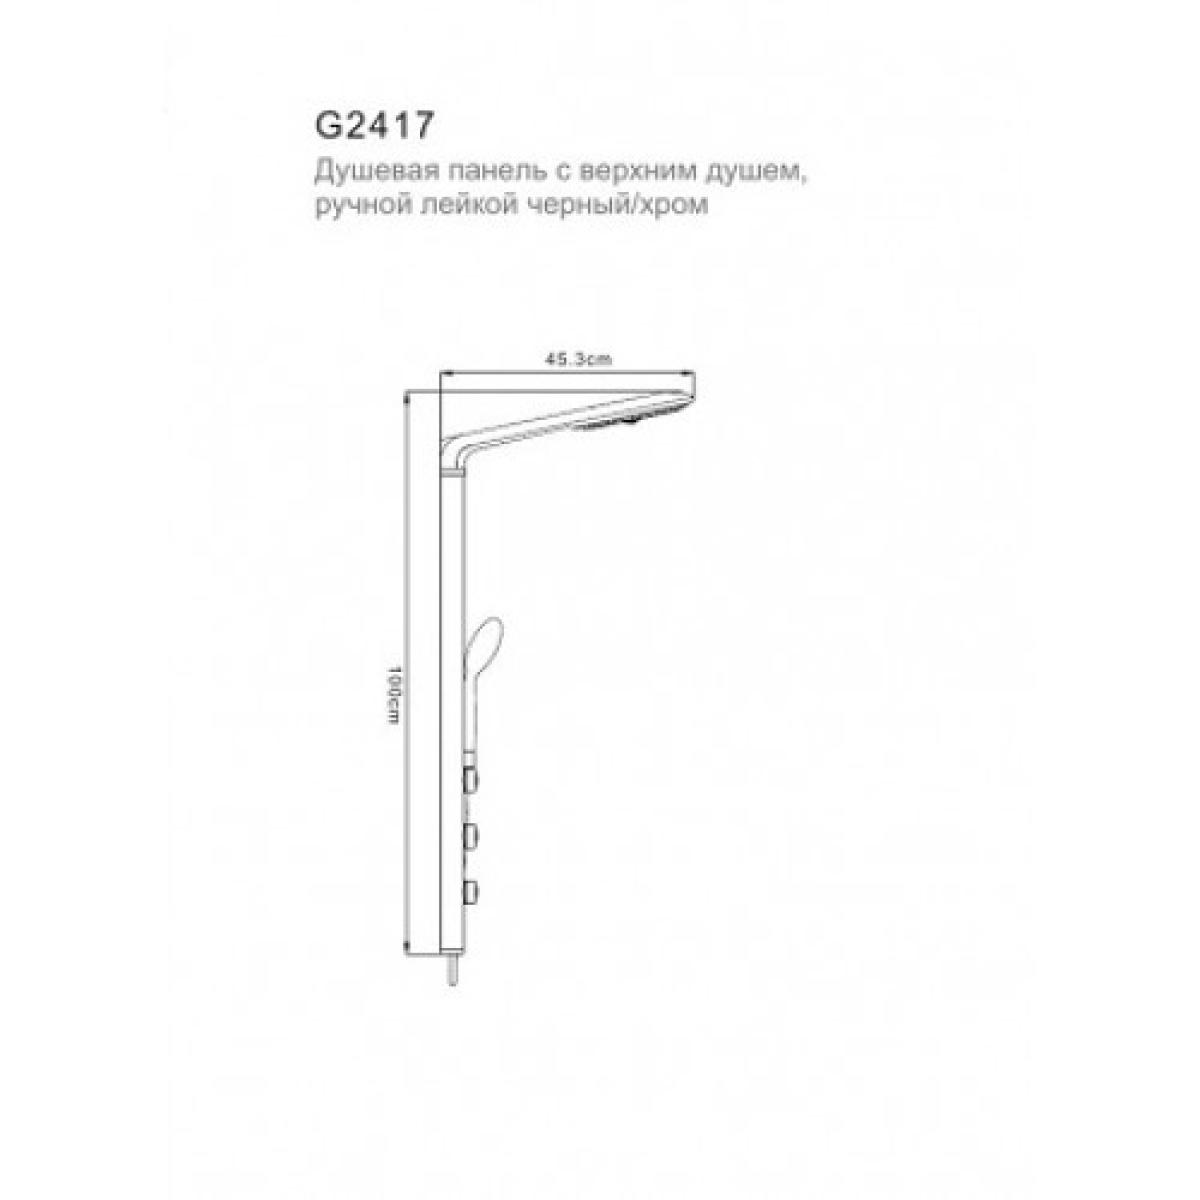 Душевая панель с верхним душем, ручной лейкой черный/хром gappo g2417